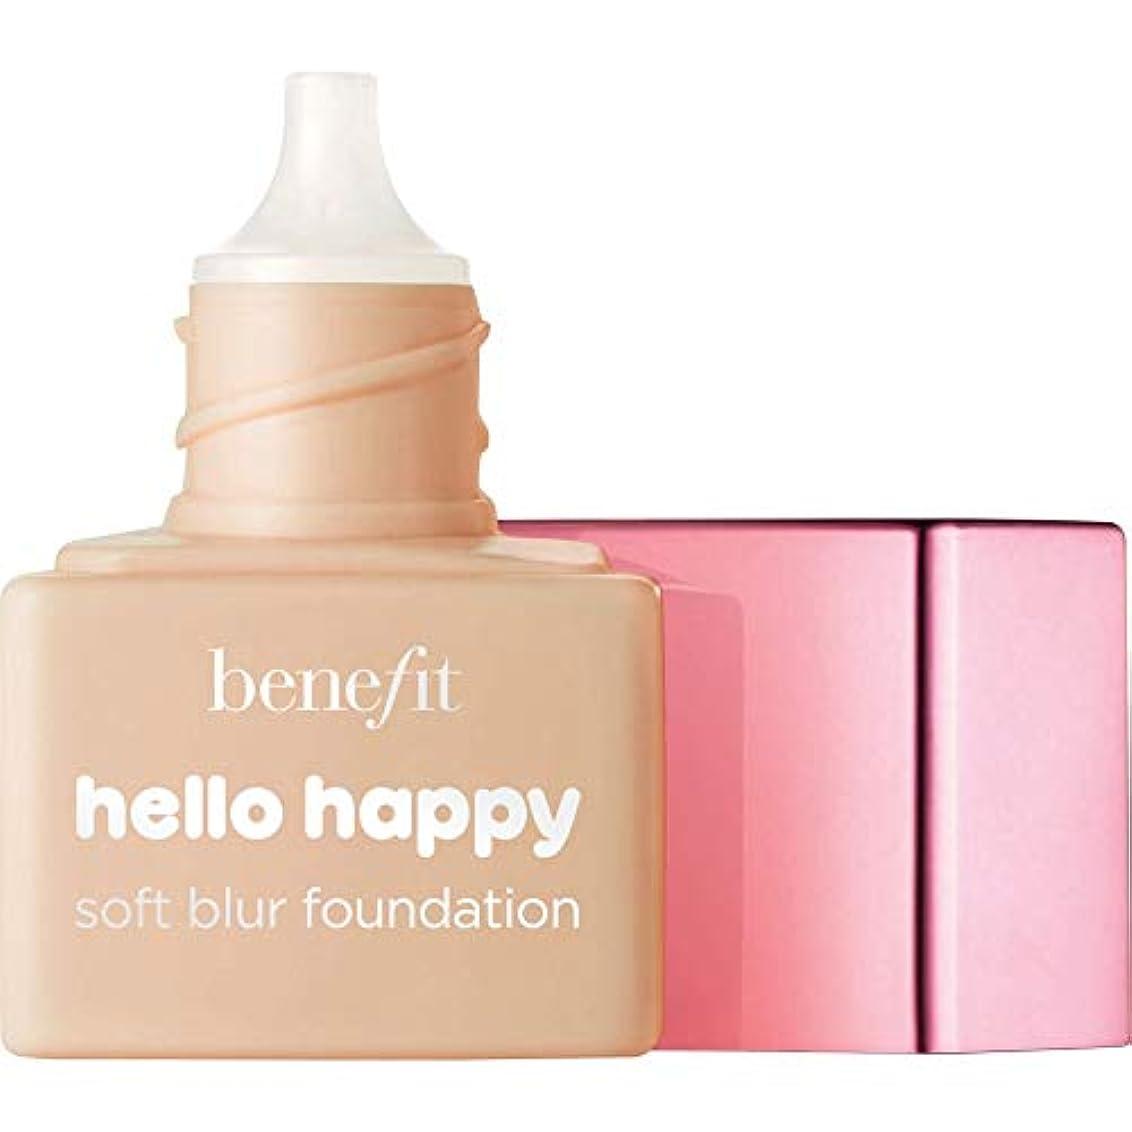 ウール用語集ピグマリオン[Benefit ] ミニ4 - - こんにちは幸せソフトブラー基礎Spf15の6ミリリットルの利益中性媒体中 - Benefit Hello Happy Soft Blur Foundation SPF15 6ml -...